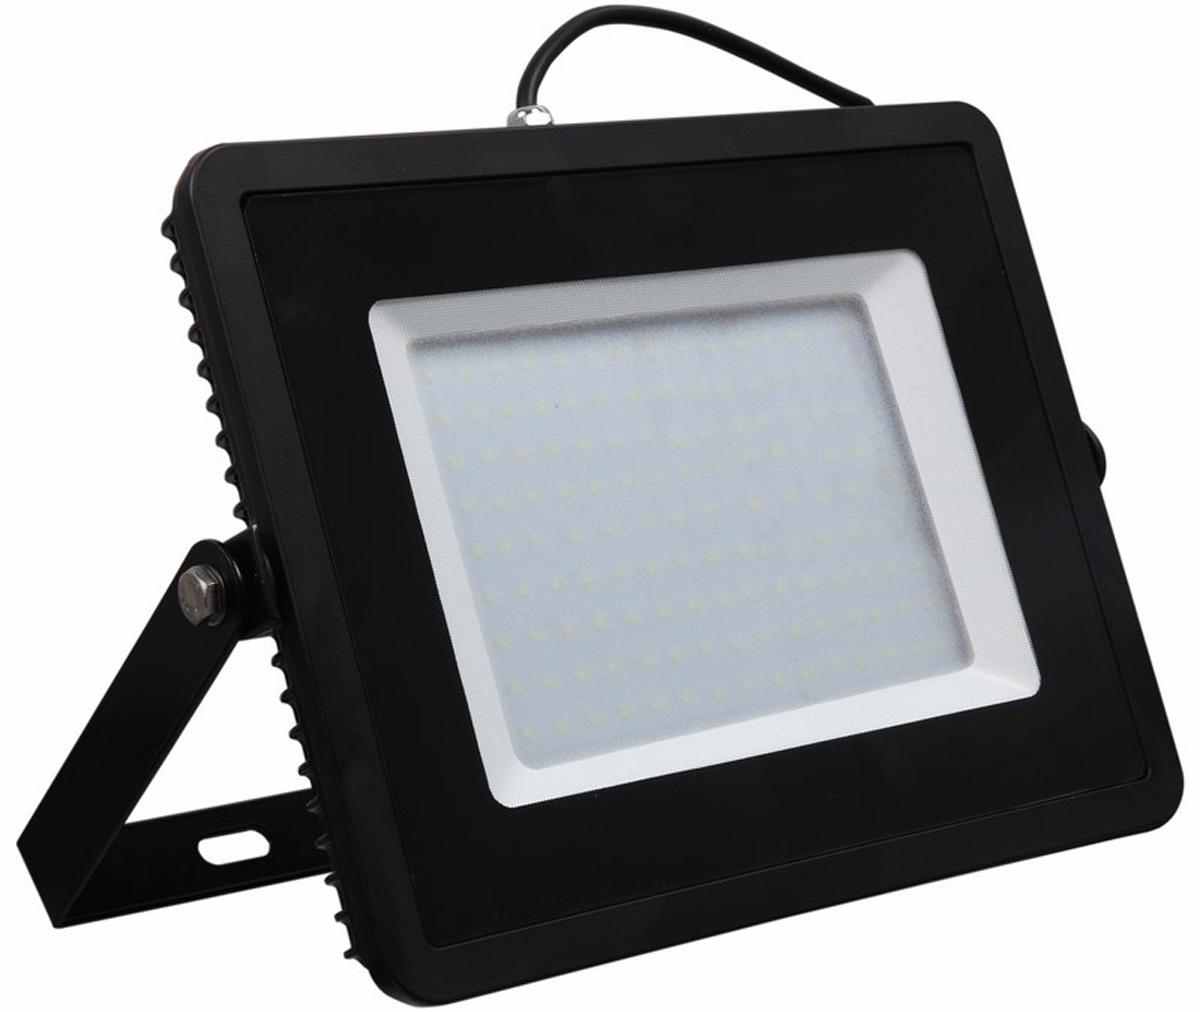 Прожектор уличный  Lamper , светодиодный, белый свет, 150 Вт -  Светильники